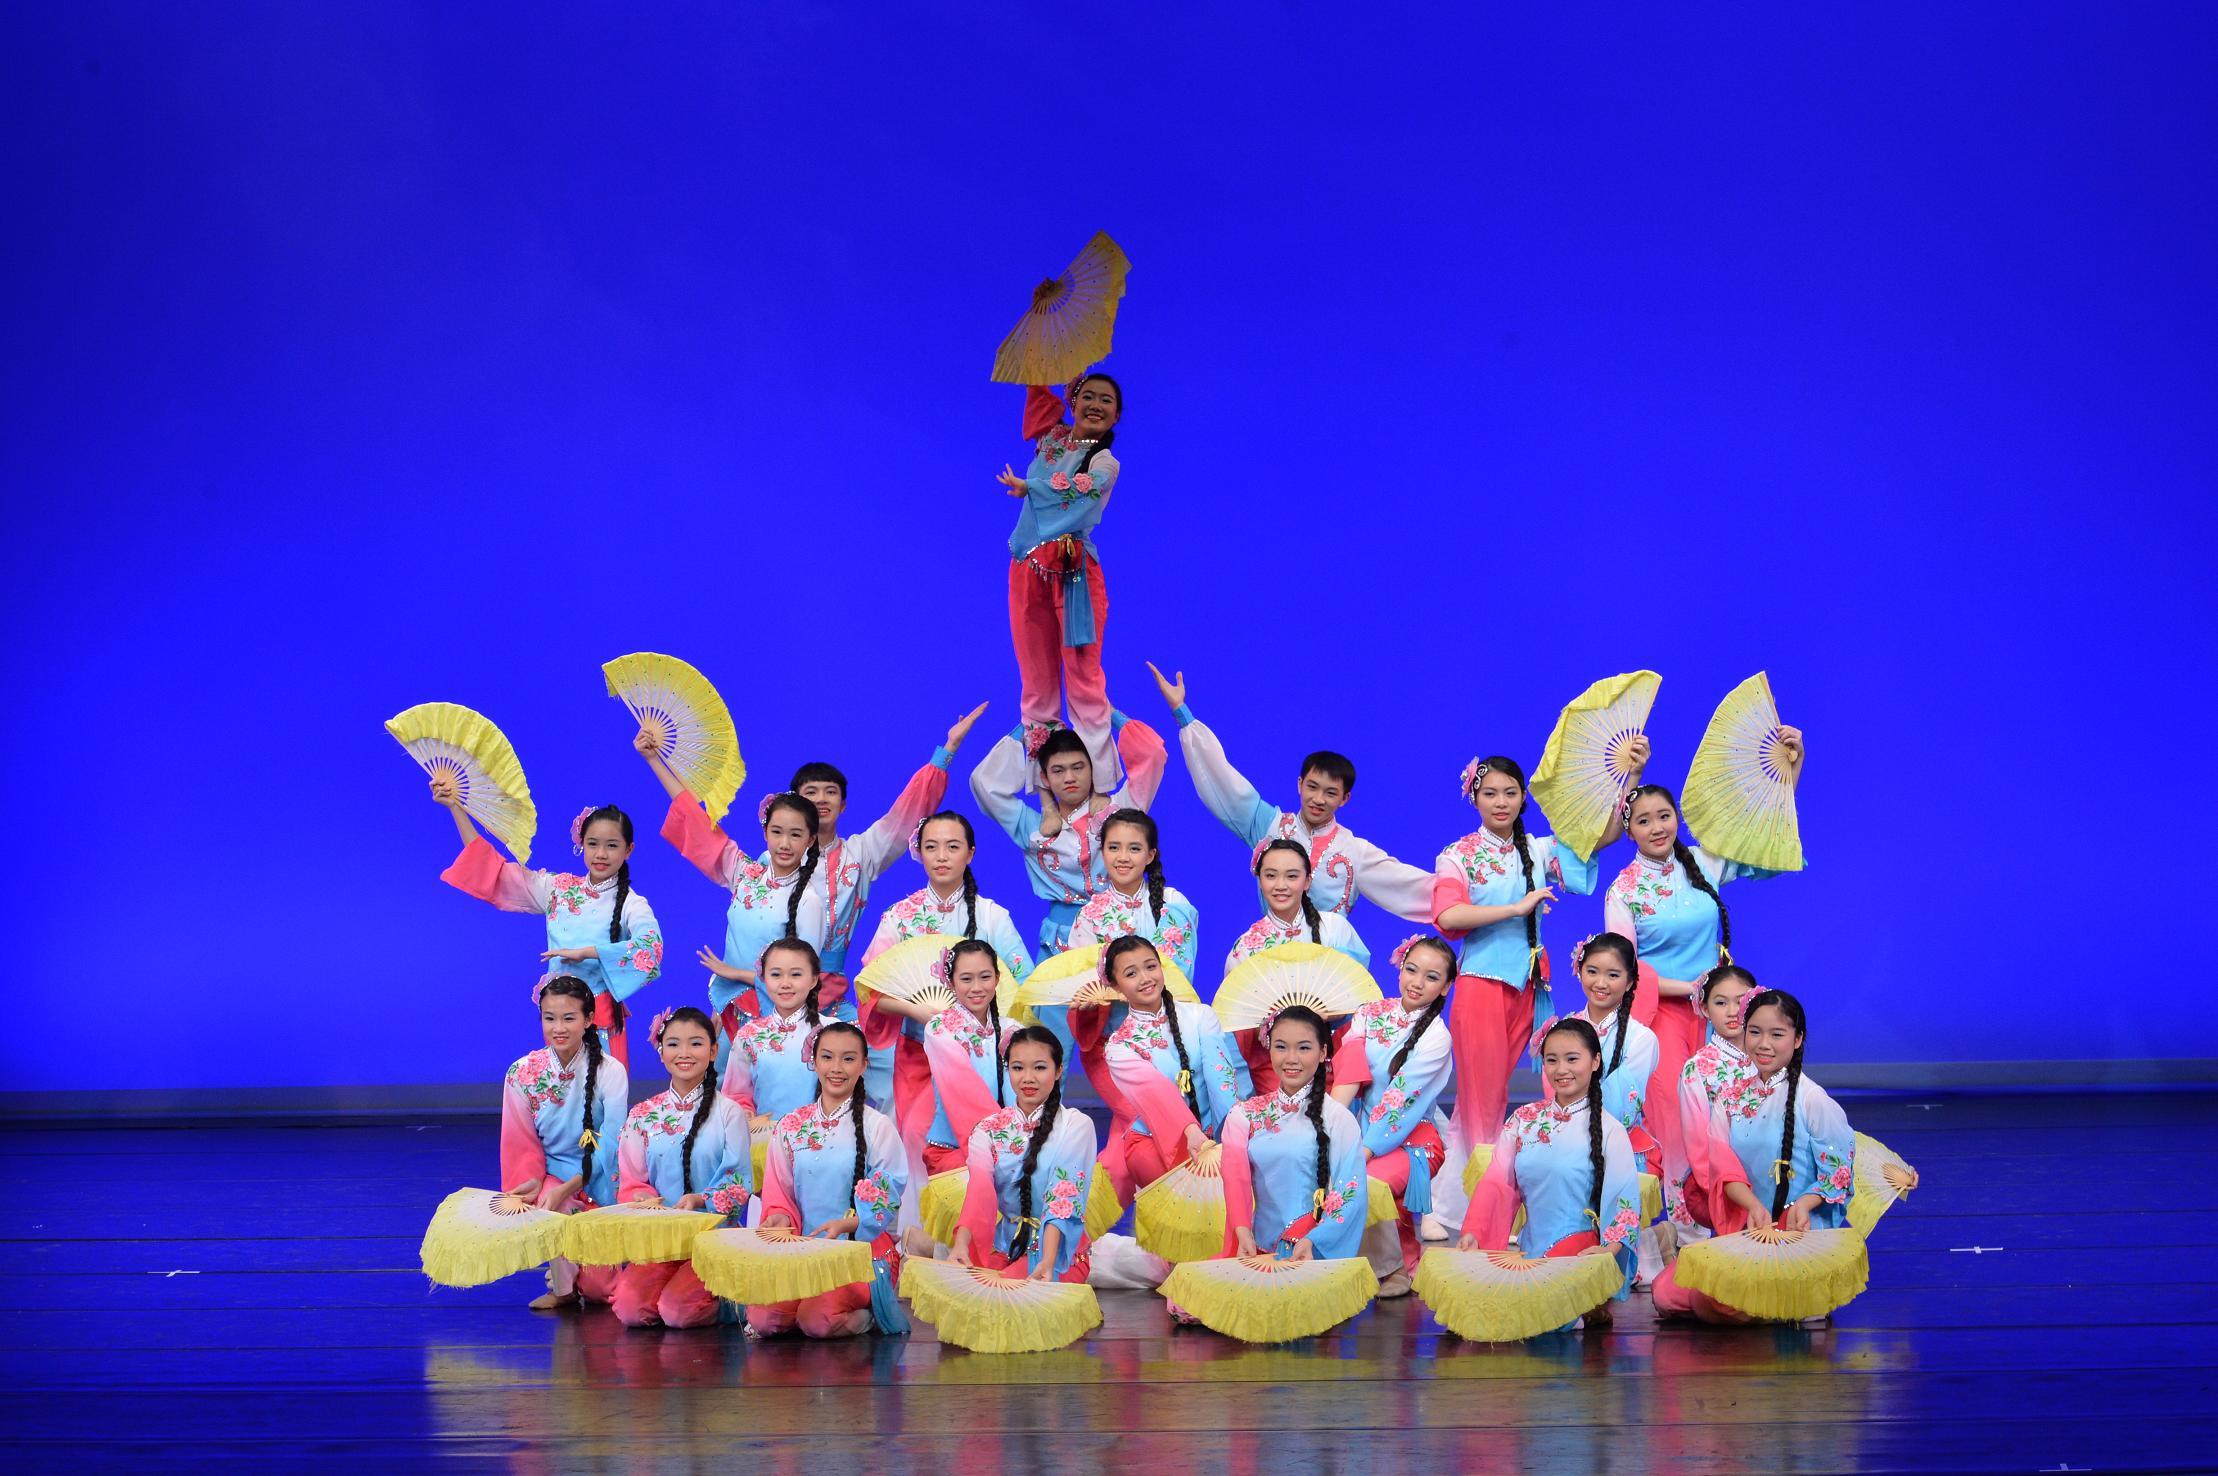 (2015/16)舞蹈比赛奖项